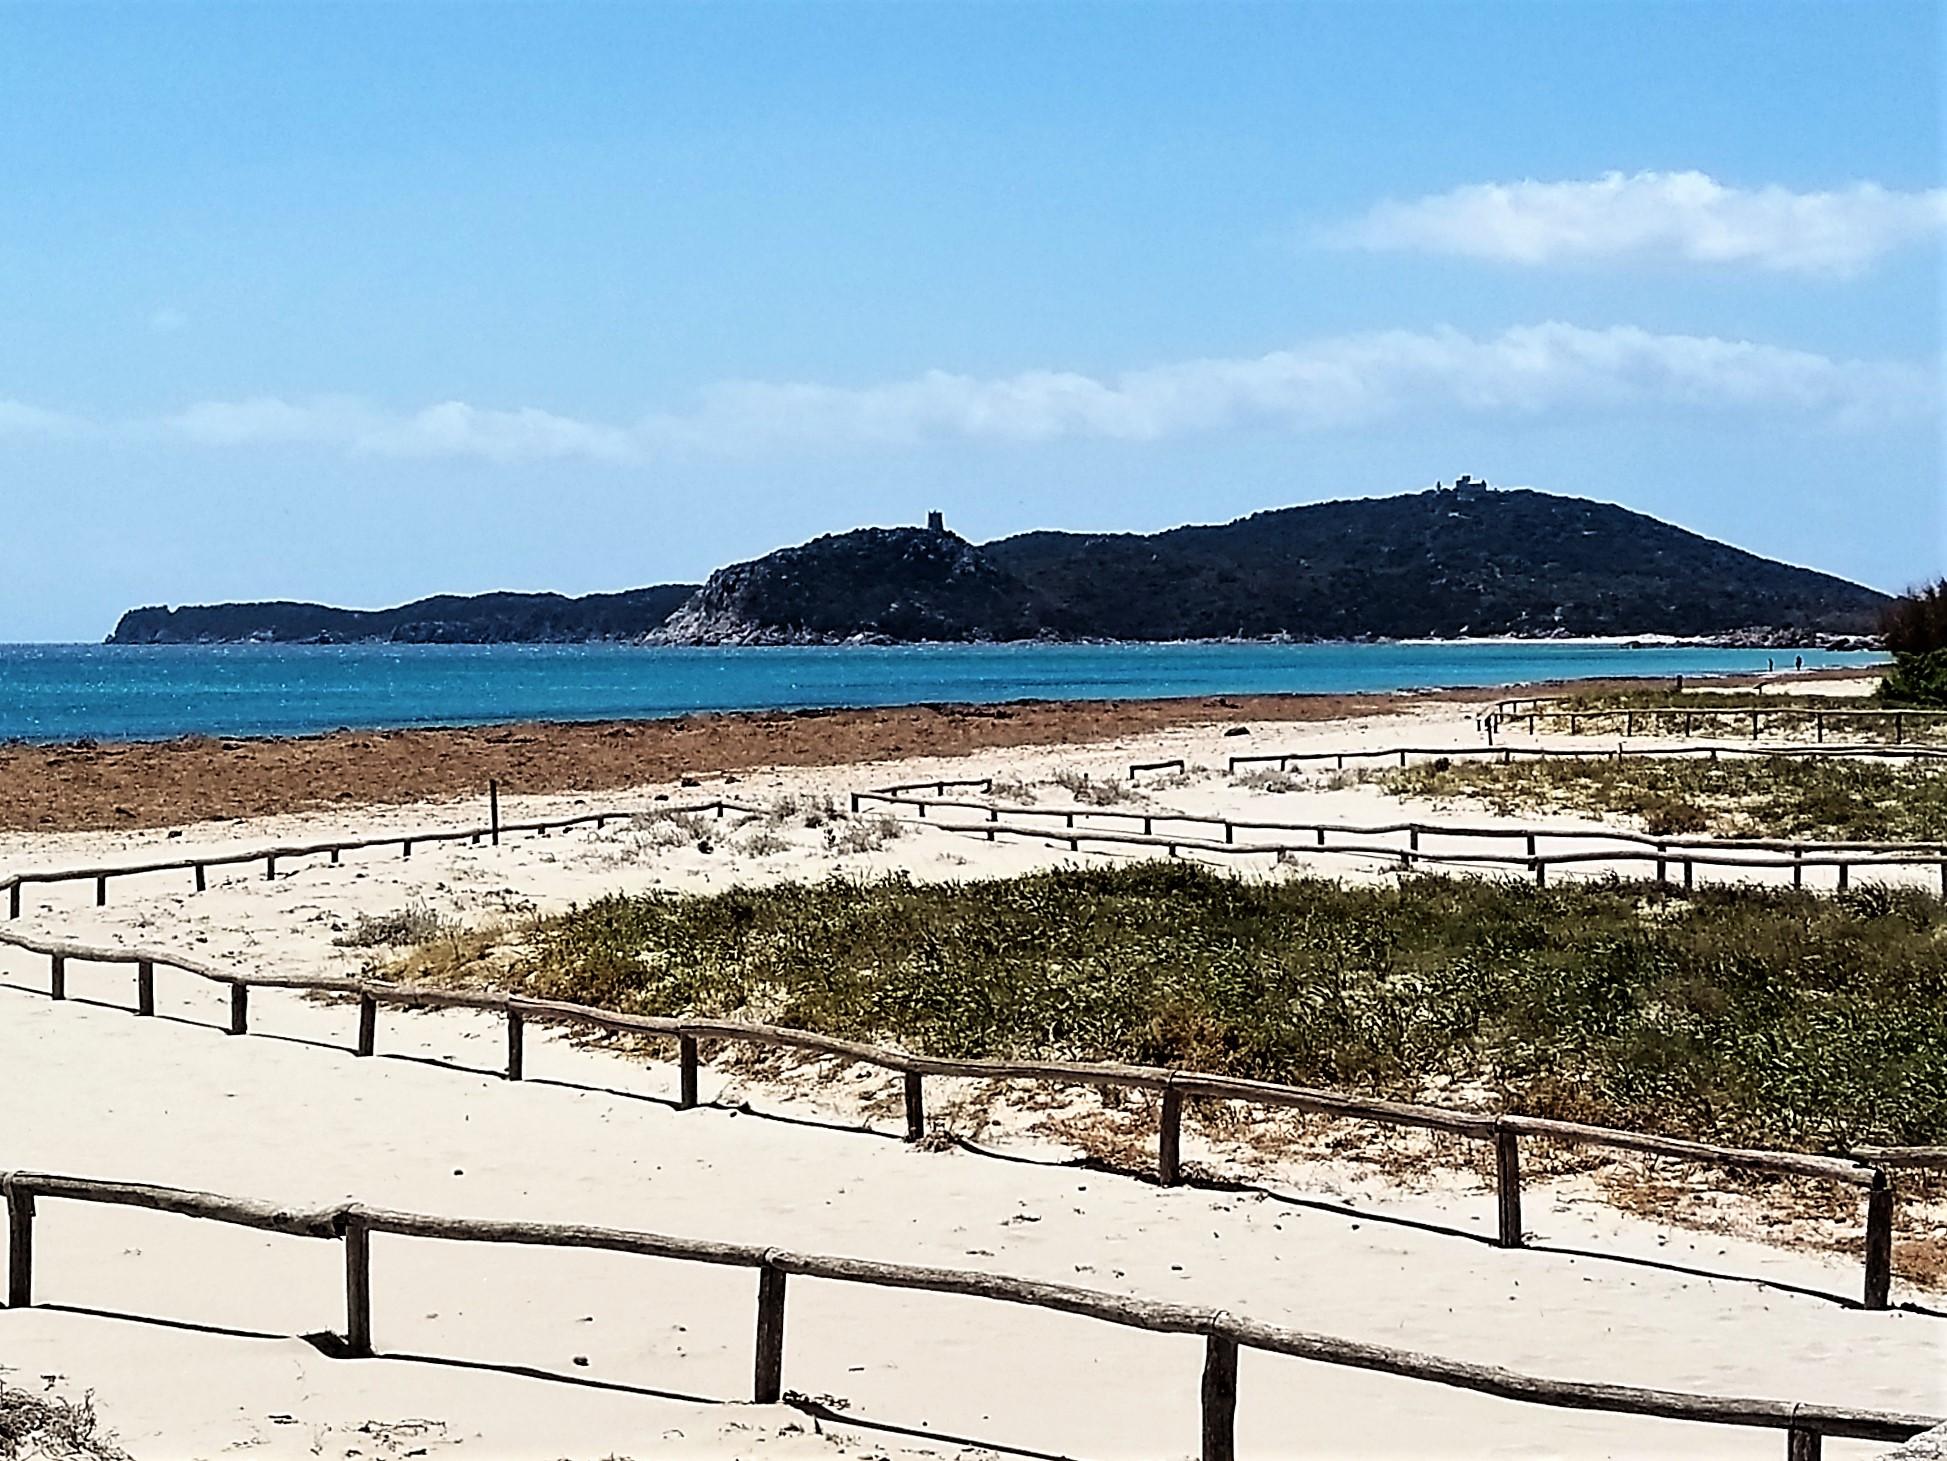 Spiaggia di Simius Villasiumus Sardegna Italia